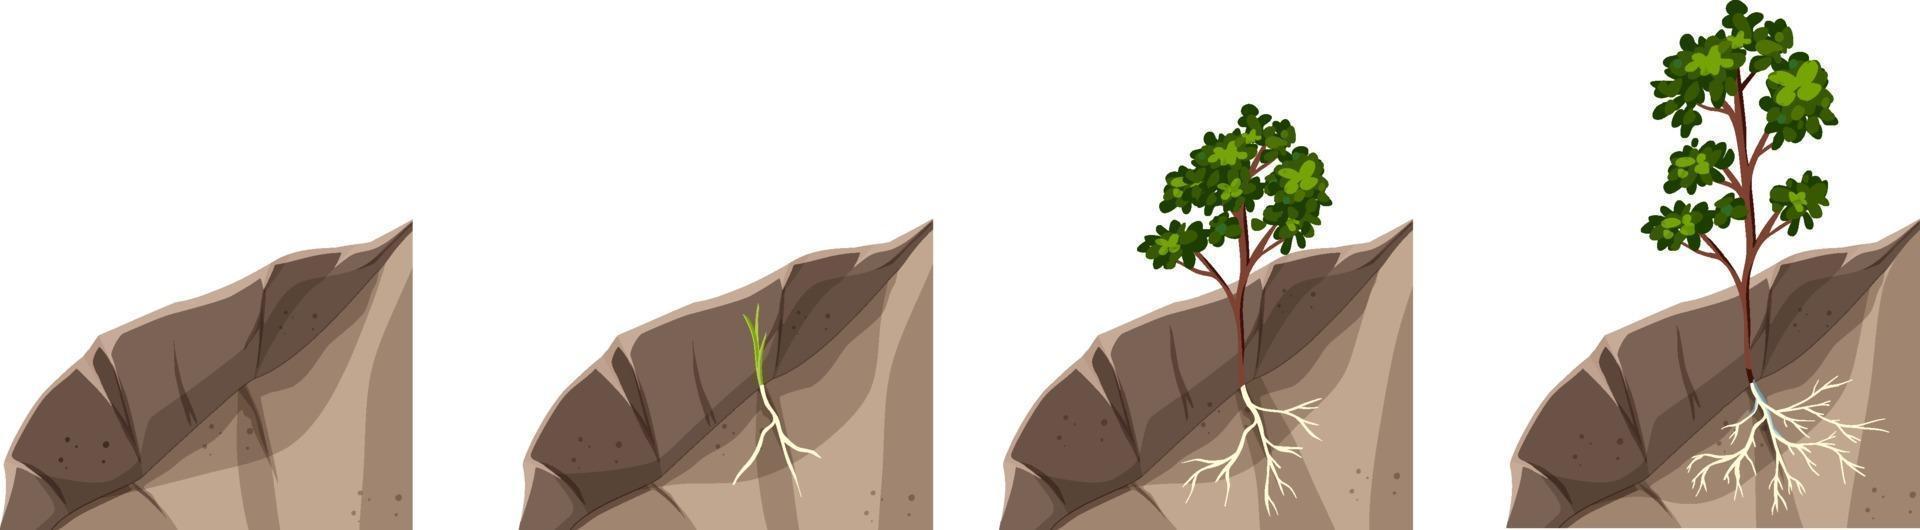 etapas de crecimiento de la planta aisladas sobre fondo blanco vector